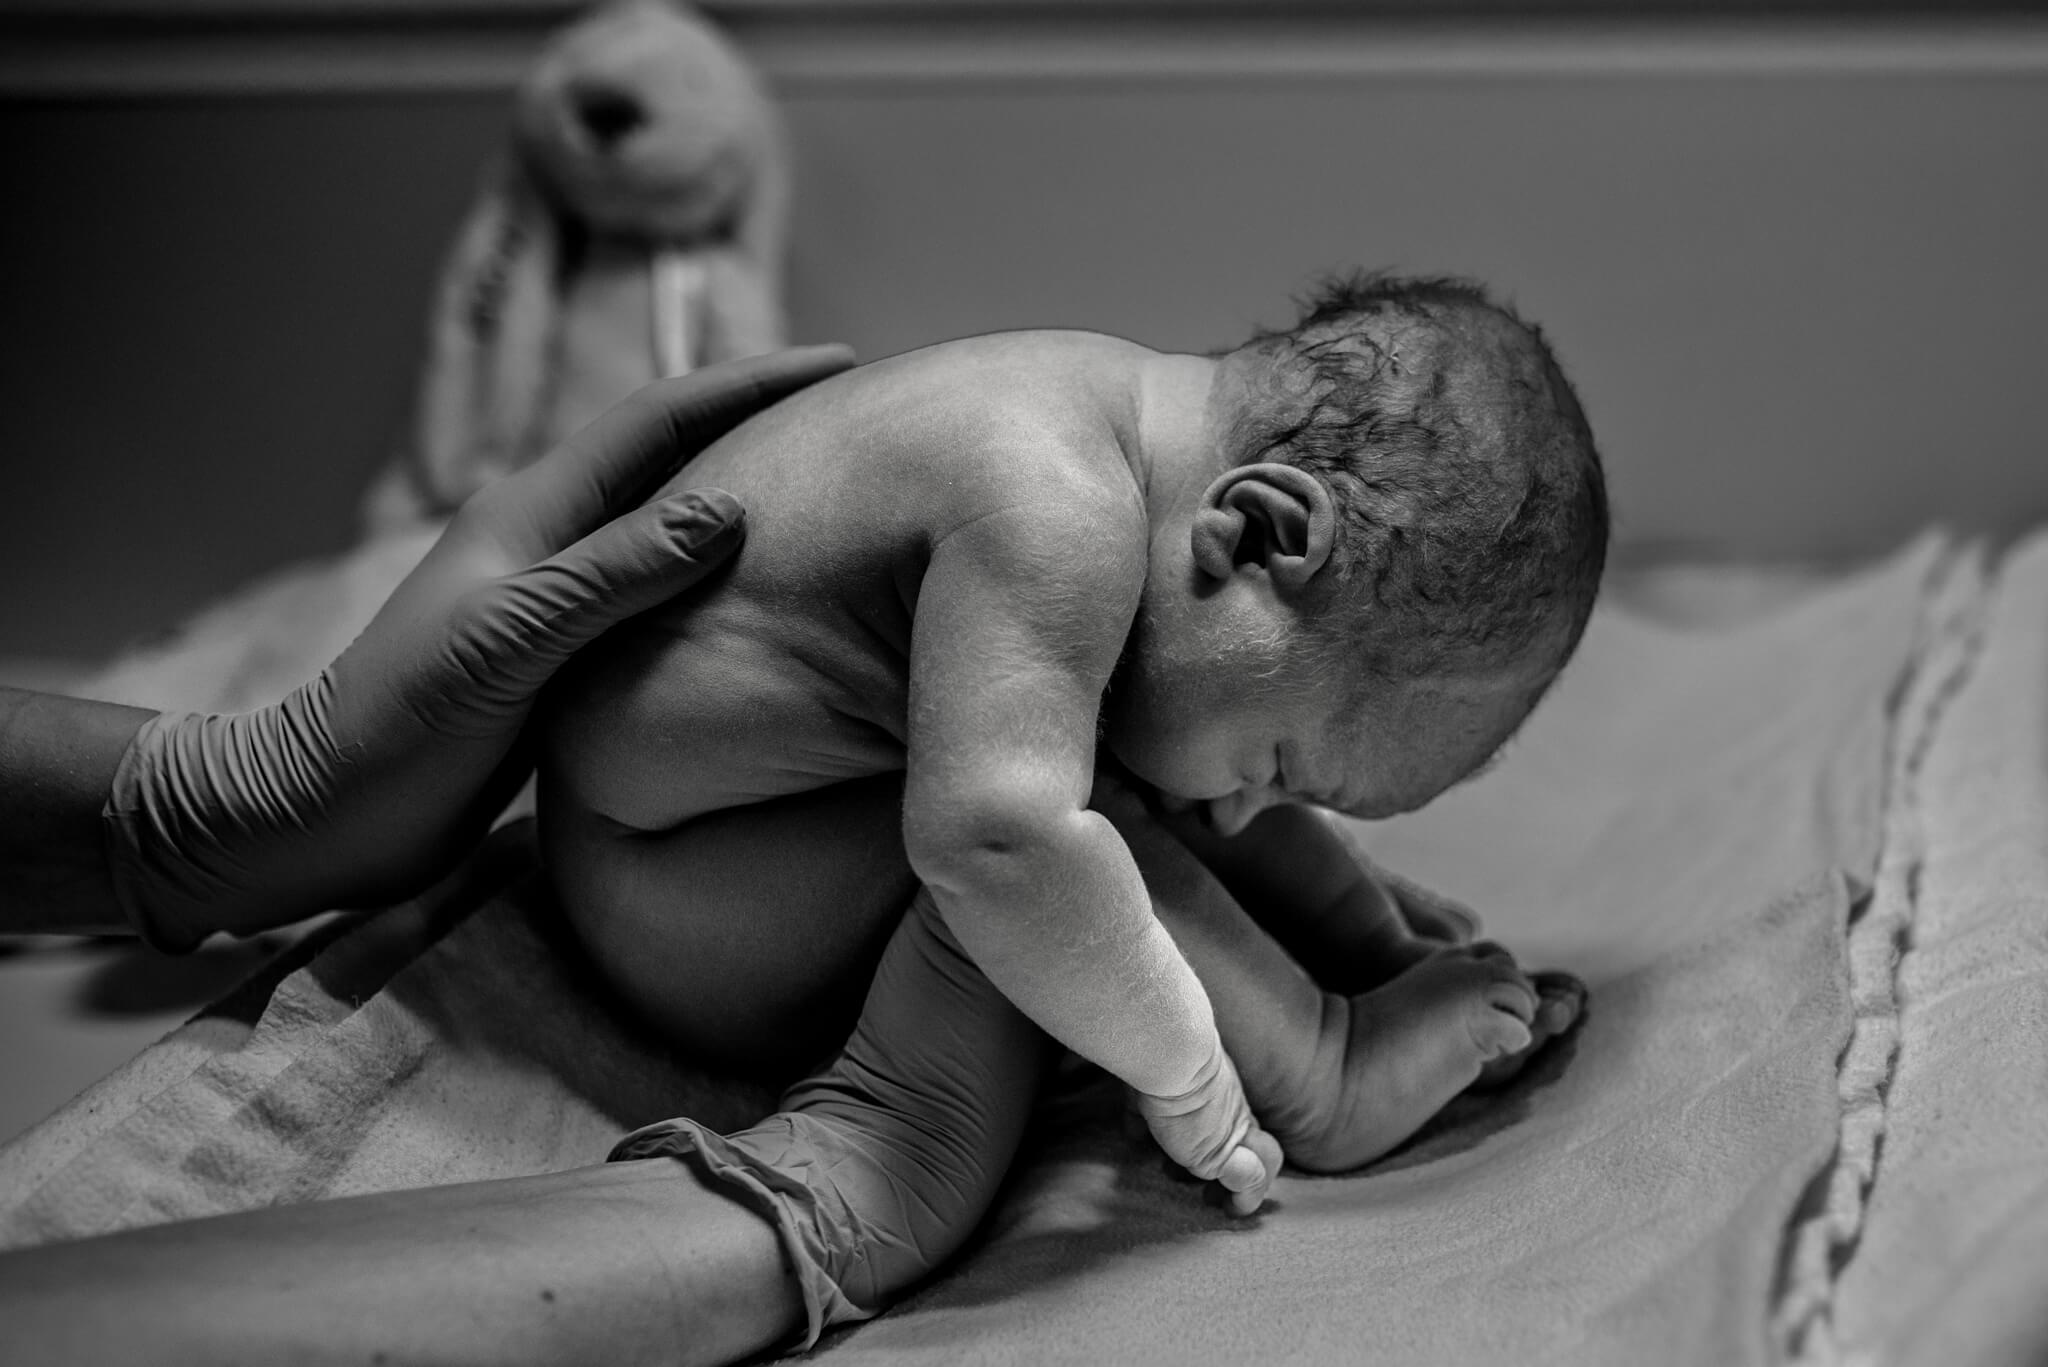 geboortefotografie nijmegen birth day geboortefotografie